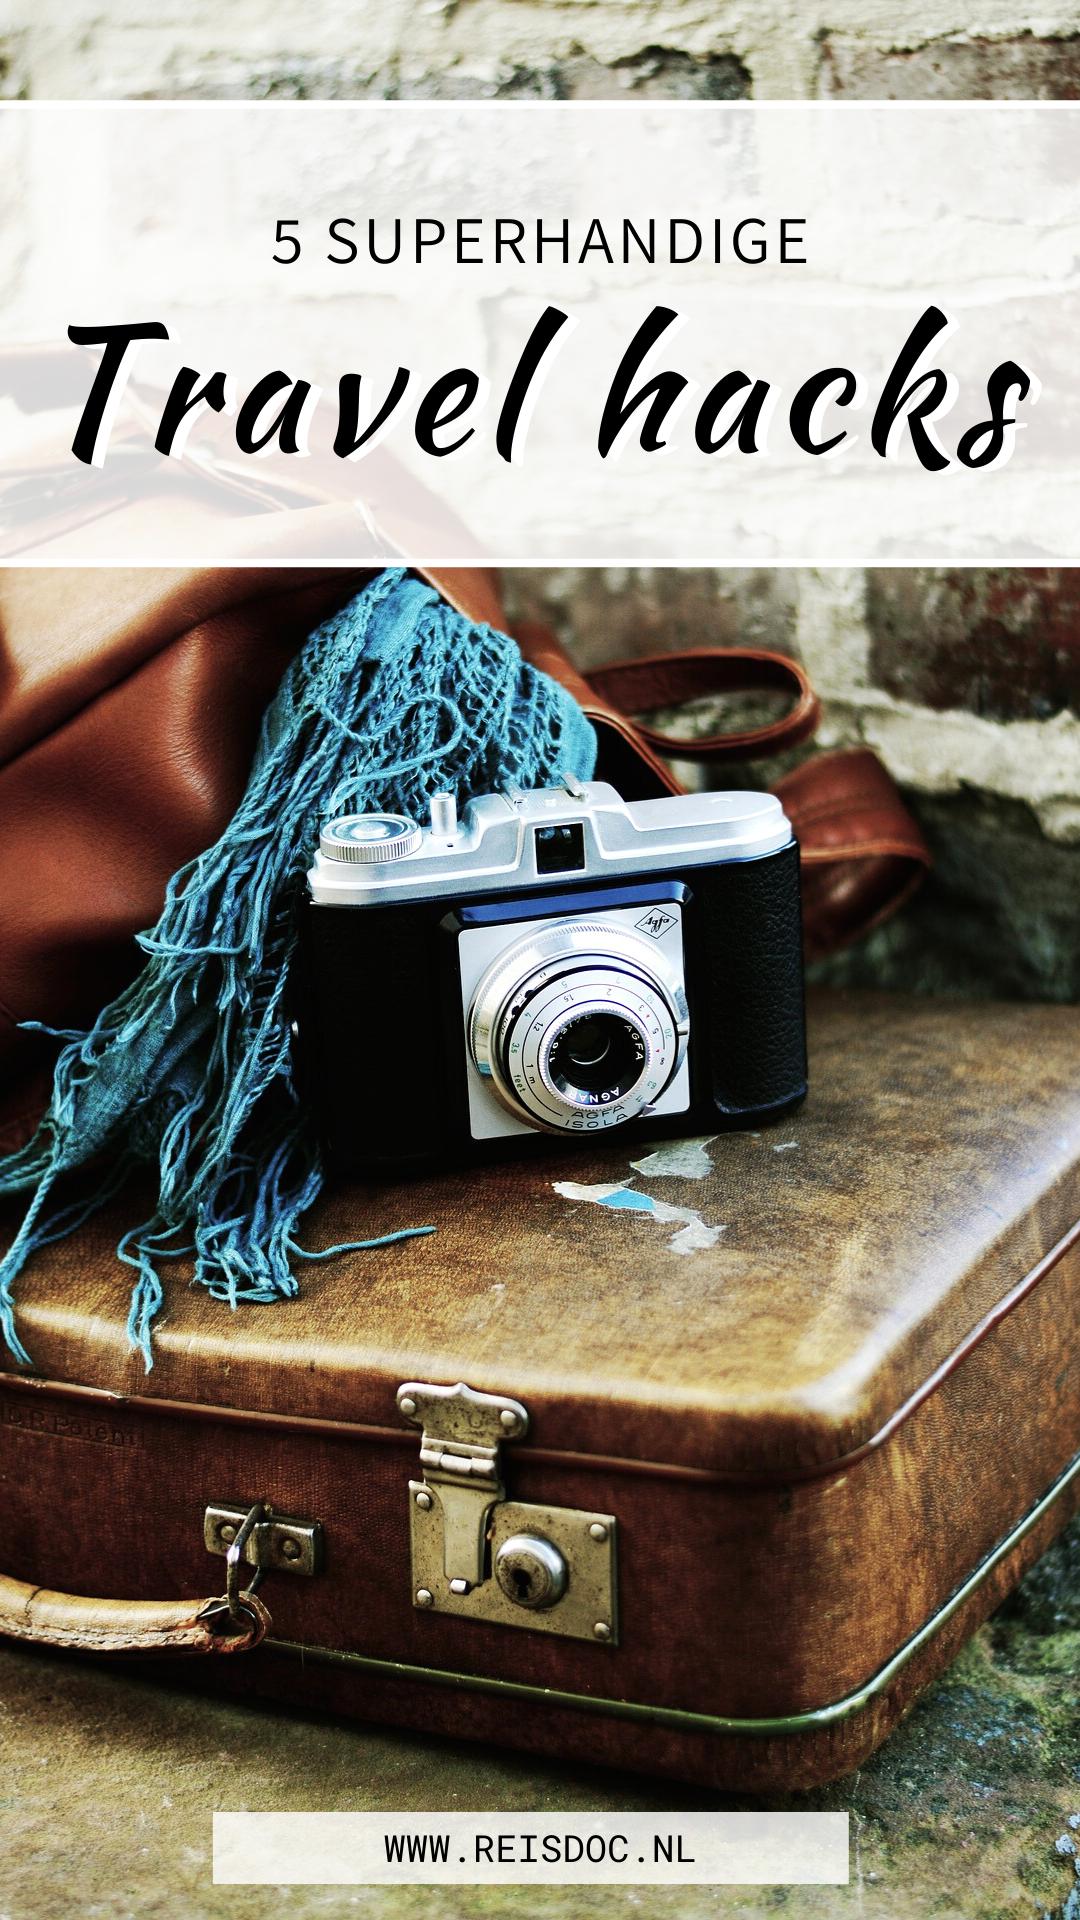 5 travel hacks die je leven zoveel makkelijker gaan makenDoor Chantal van Reisdoc.nl | Check mijn travel blog voor meer reis- en budgettips. In deze blogpost vind je o.a. tips over nooit meer wagenziek, films in het vliegtuig, travel hacks airplane, travel hacks packing, travel hacks snacks, travel hacks international, travel hacks long flights, travel hacks cheap, travel hacks videos. #travelhacks #traveltips #travelideas #backpacking